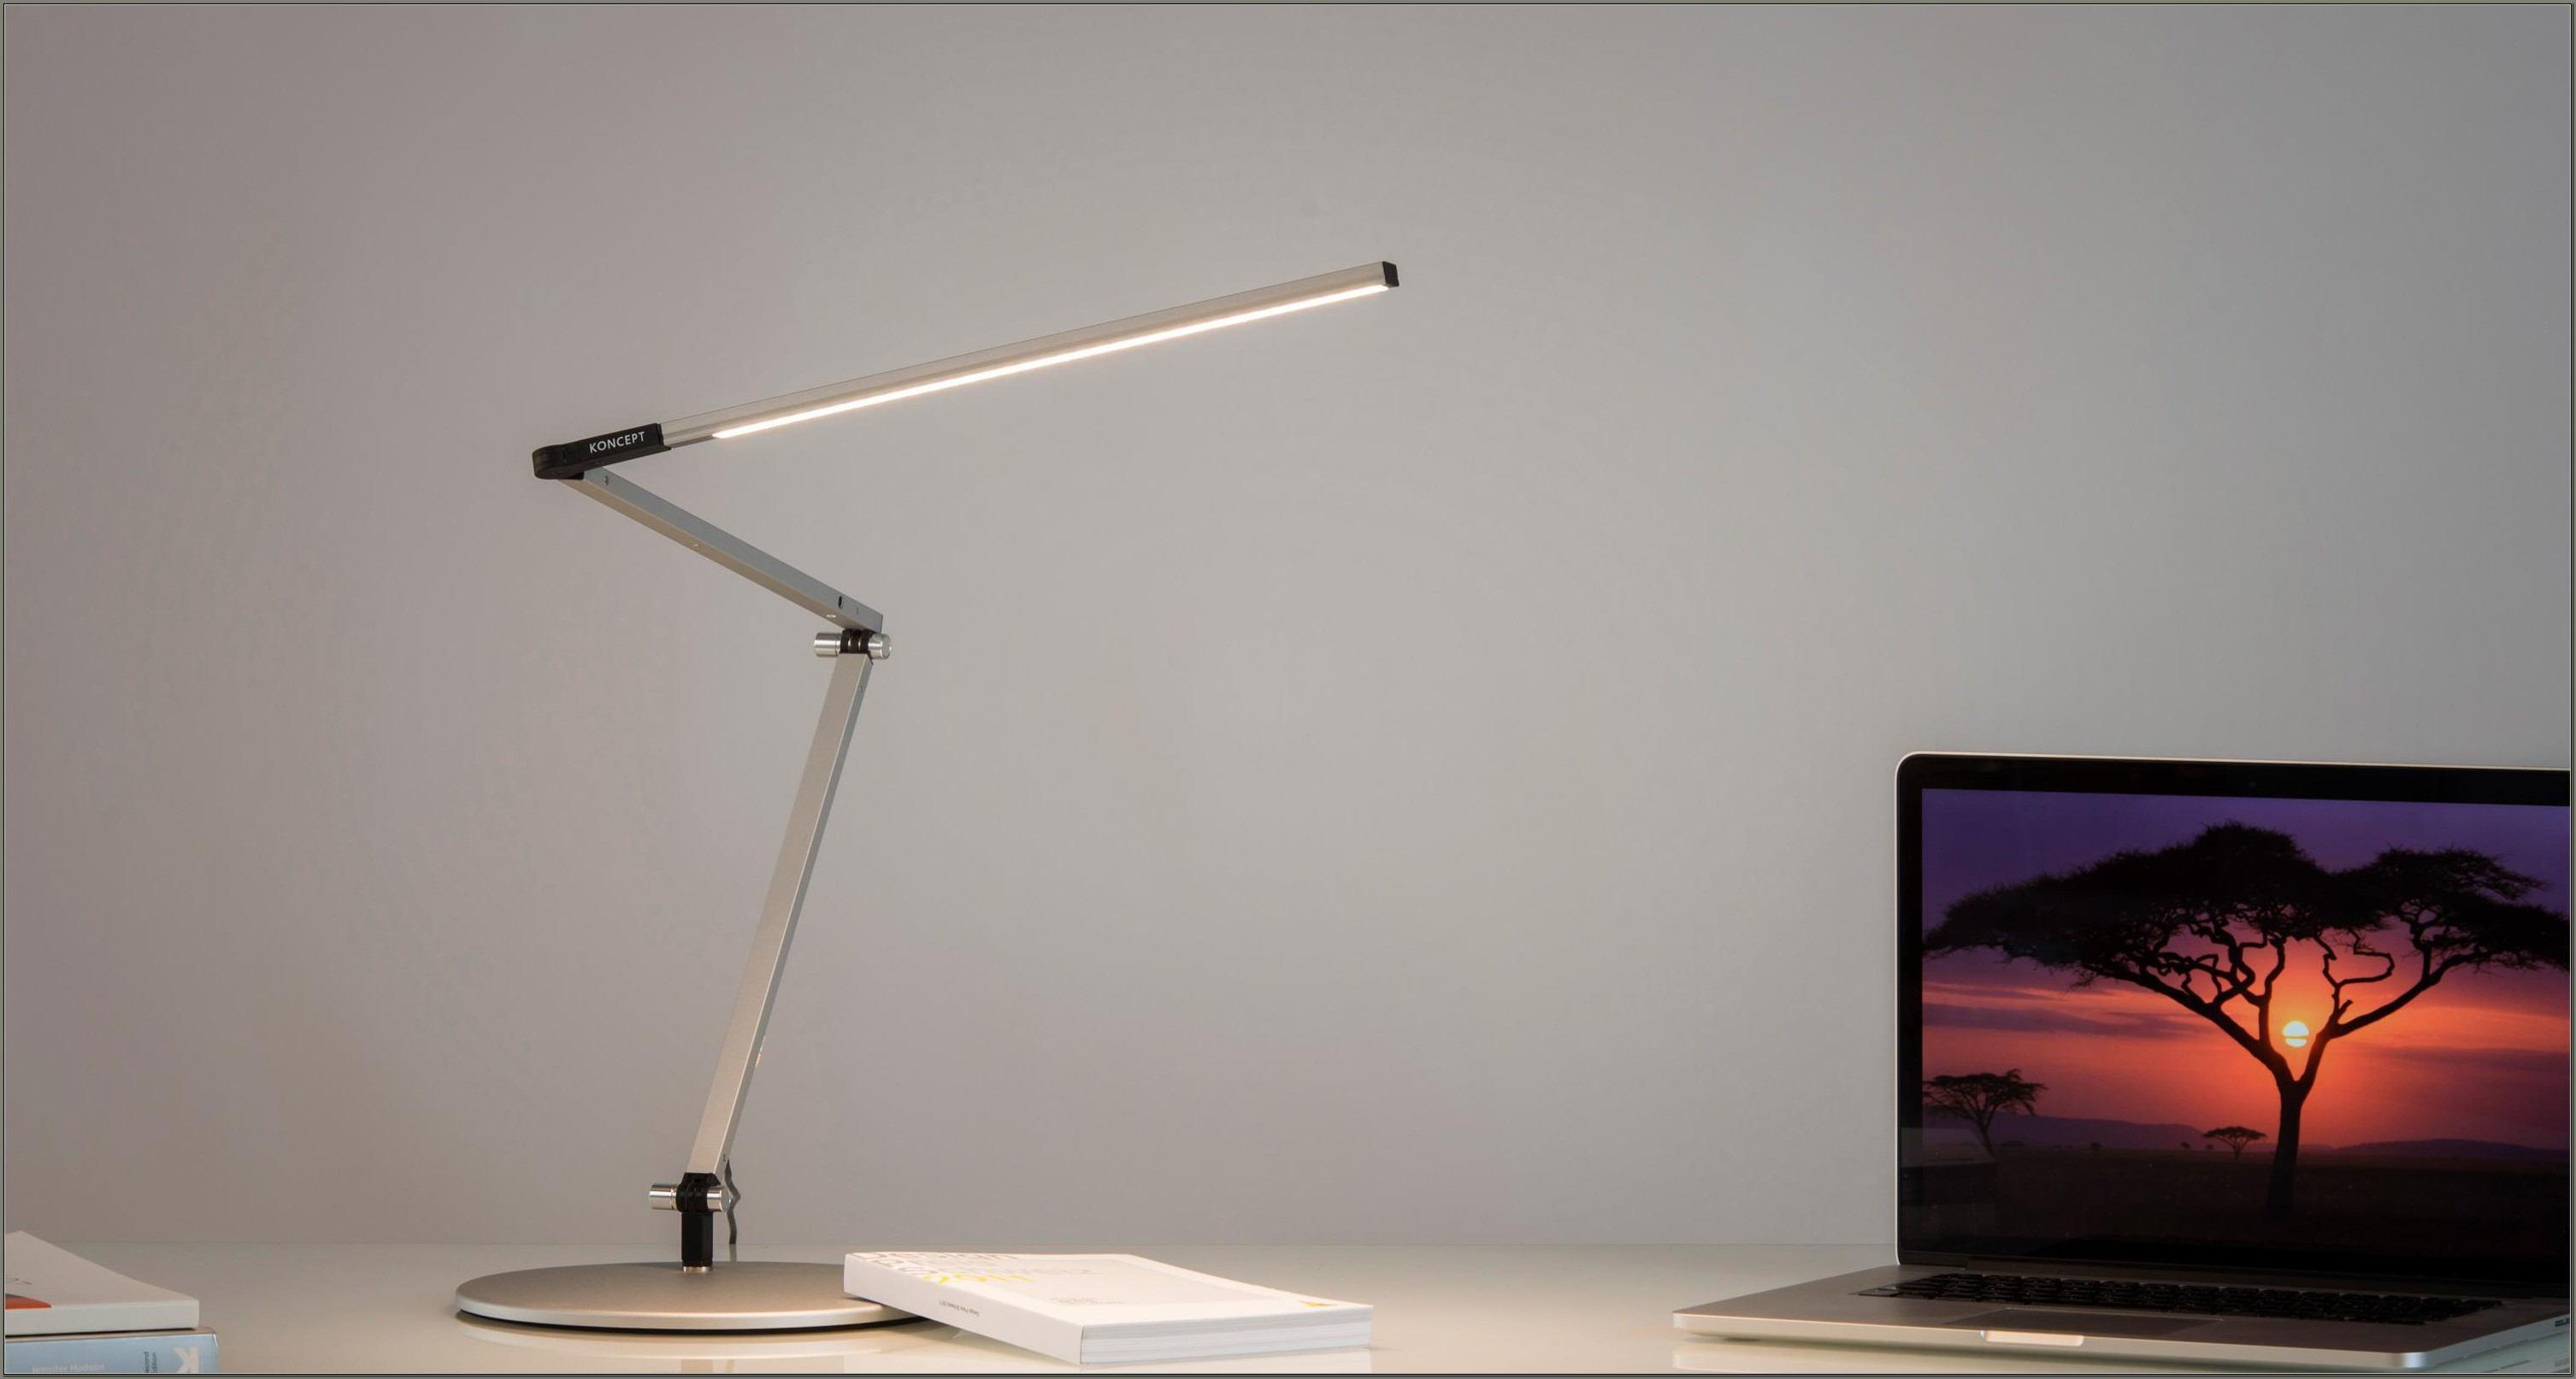 Z Bar Led Desk Lamp